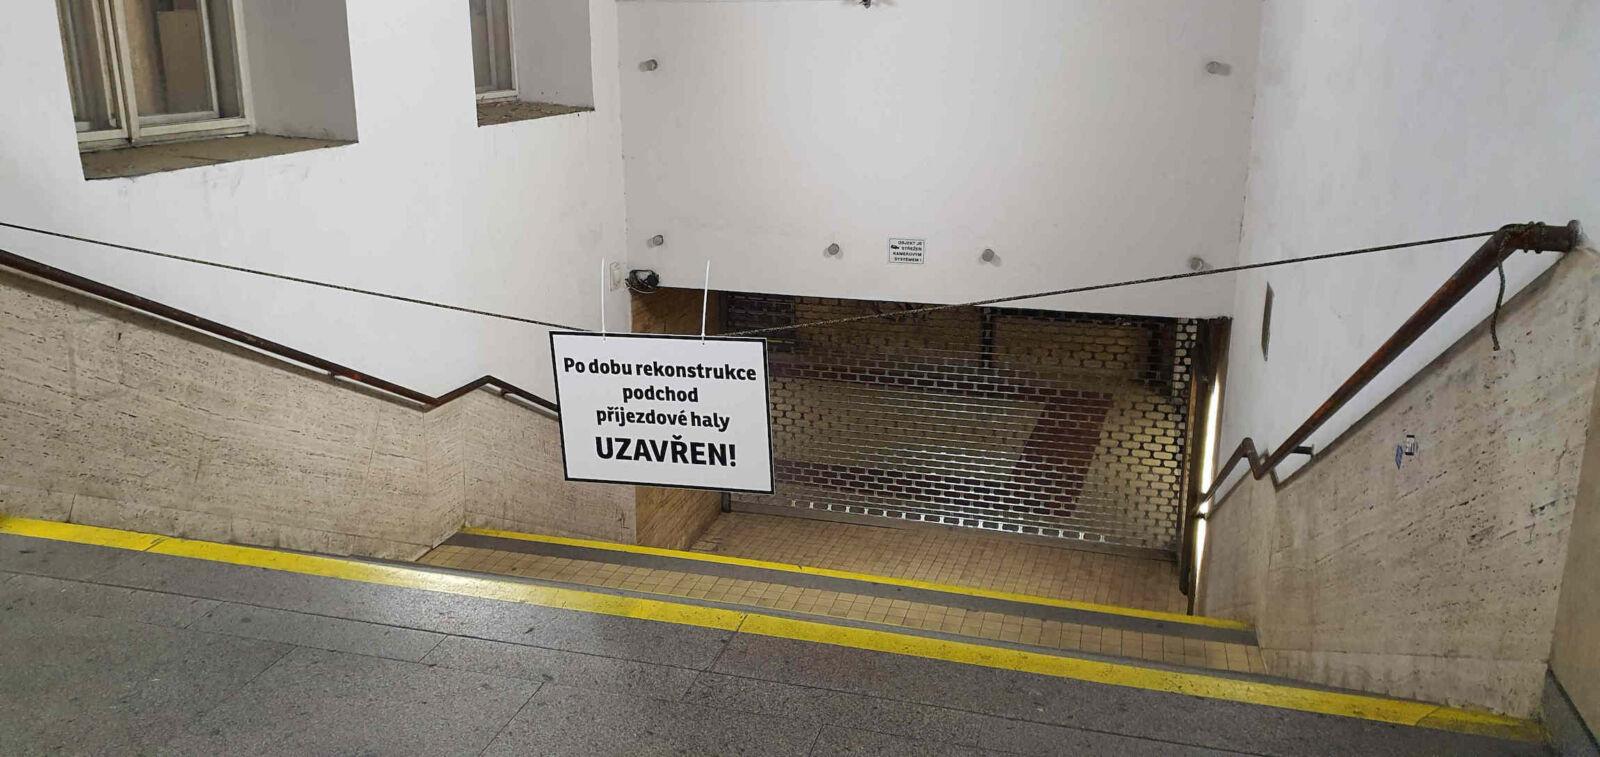 Uzavřený odchod pod hlavním nádražím v Brně